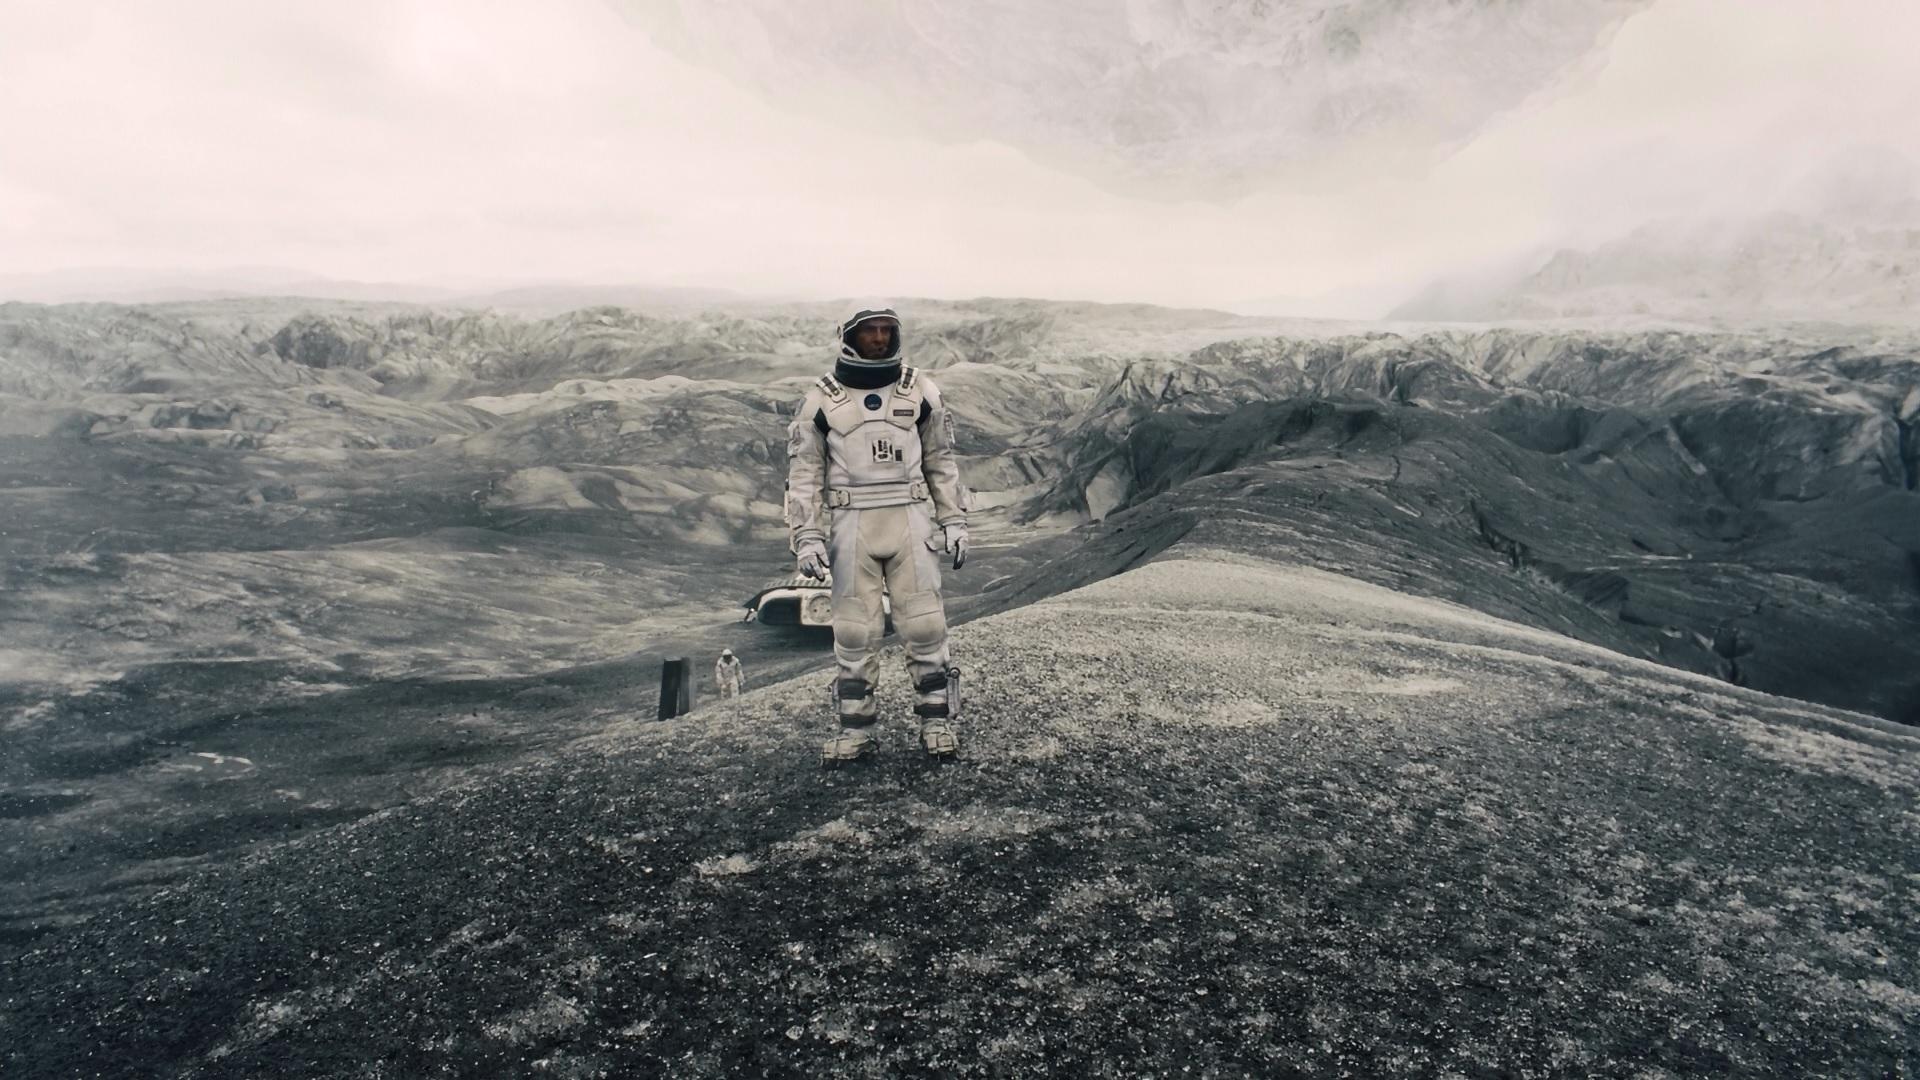 Afbeeldingsresultaat voor movie shot in iceland